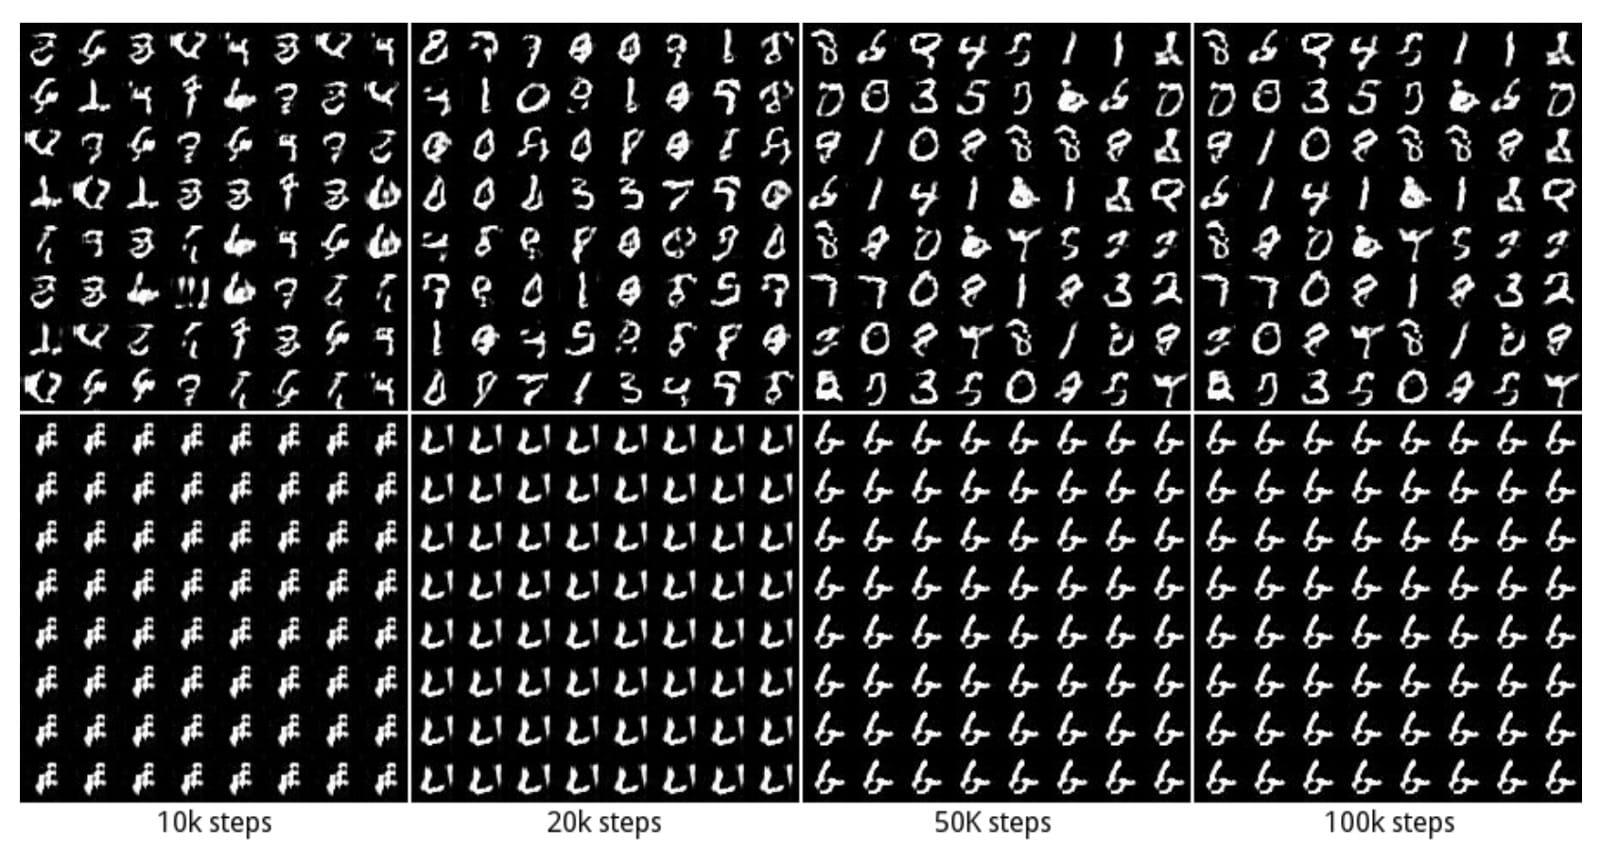 当仅生成几种数据模式时,此问题称为模式折叠